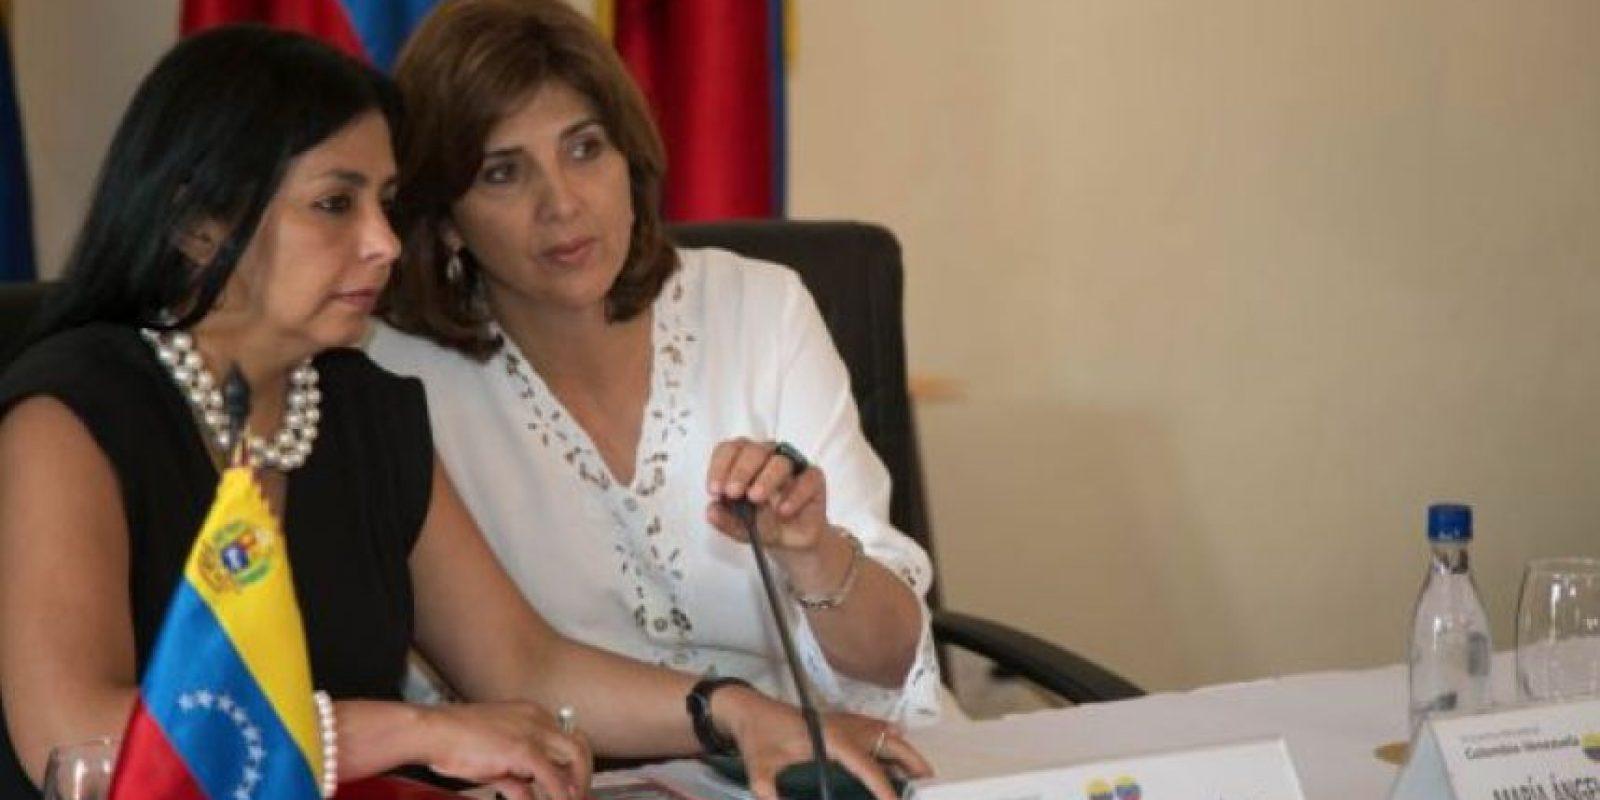 Las cancilleres de Venezuela, Deicy Rodríguez, y de Colombia, María Ángela Holguín, en su reunión en Cartagena este miércoles. Foto:Cancillería